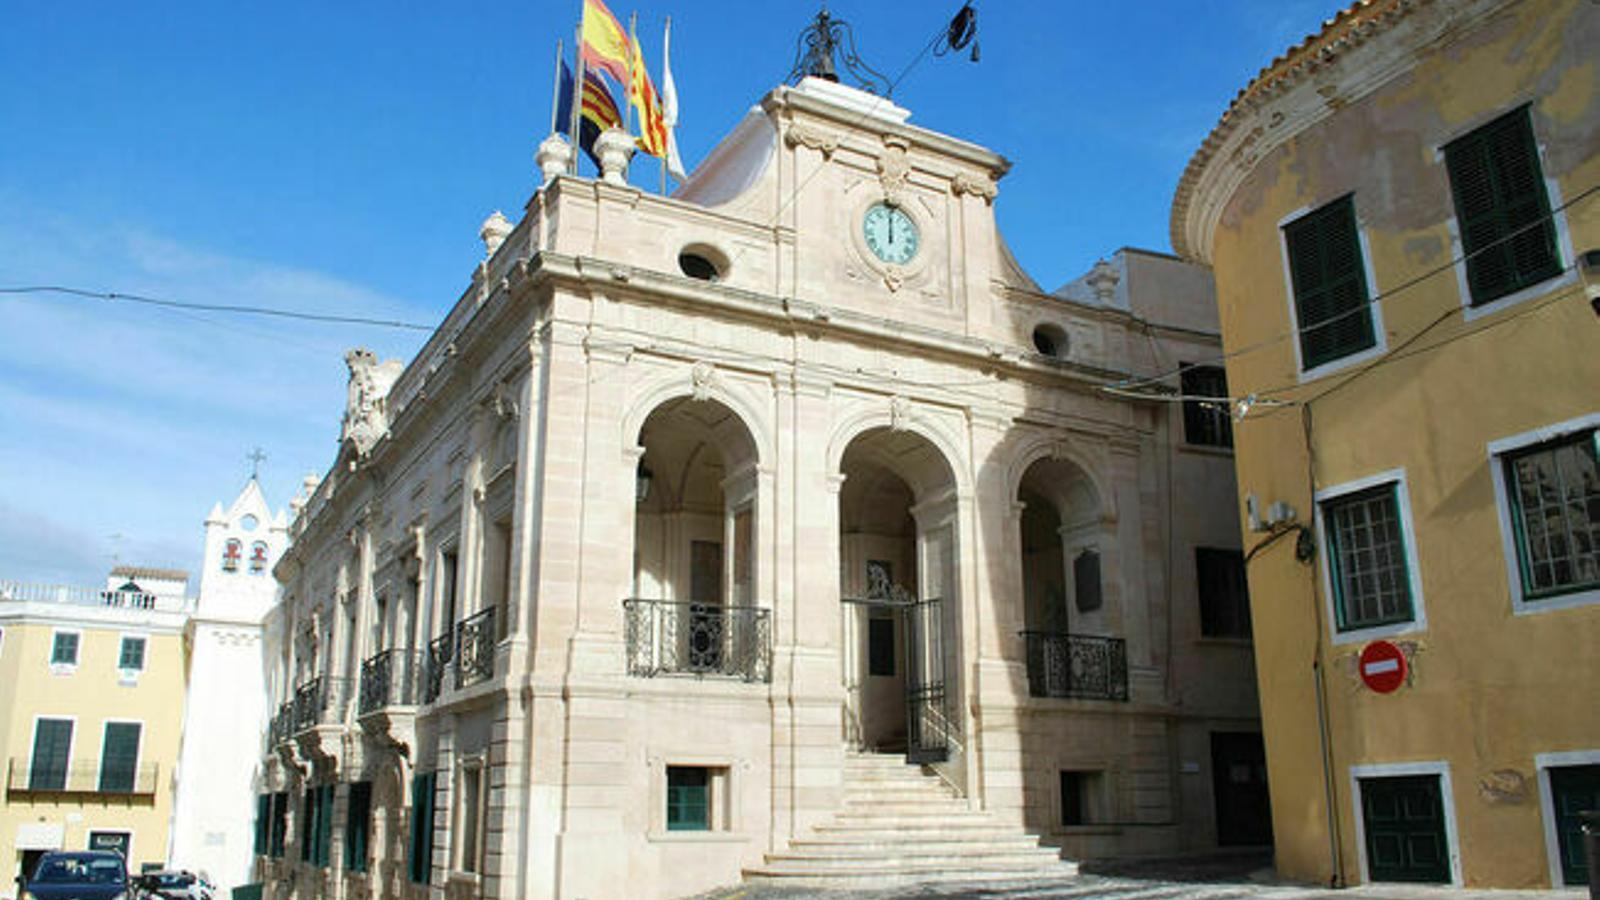 Imatge d'arxiu de l'Ajuntament de Maó. / ARA BALEARS